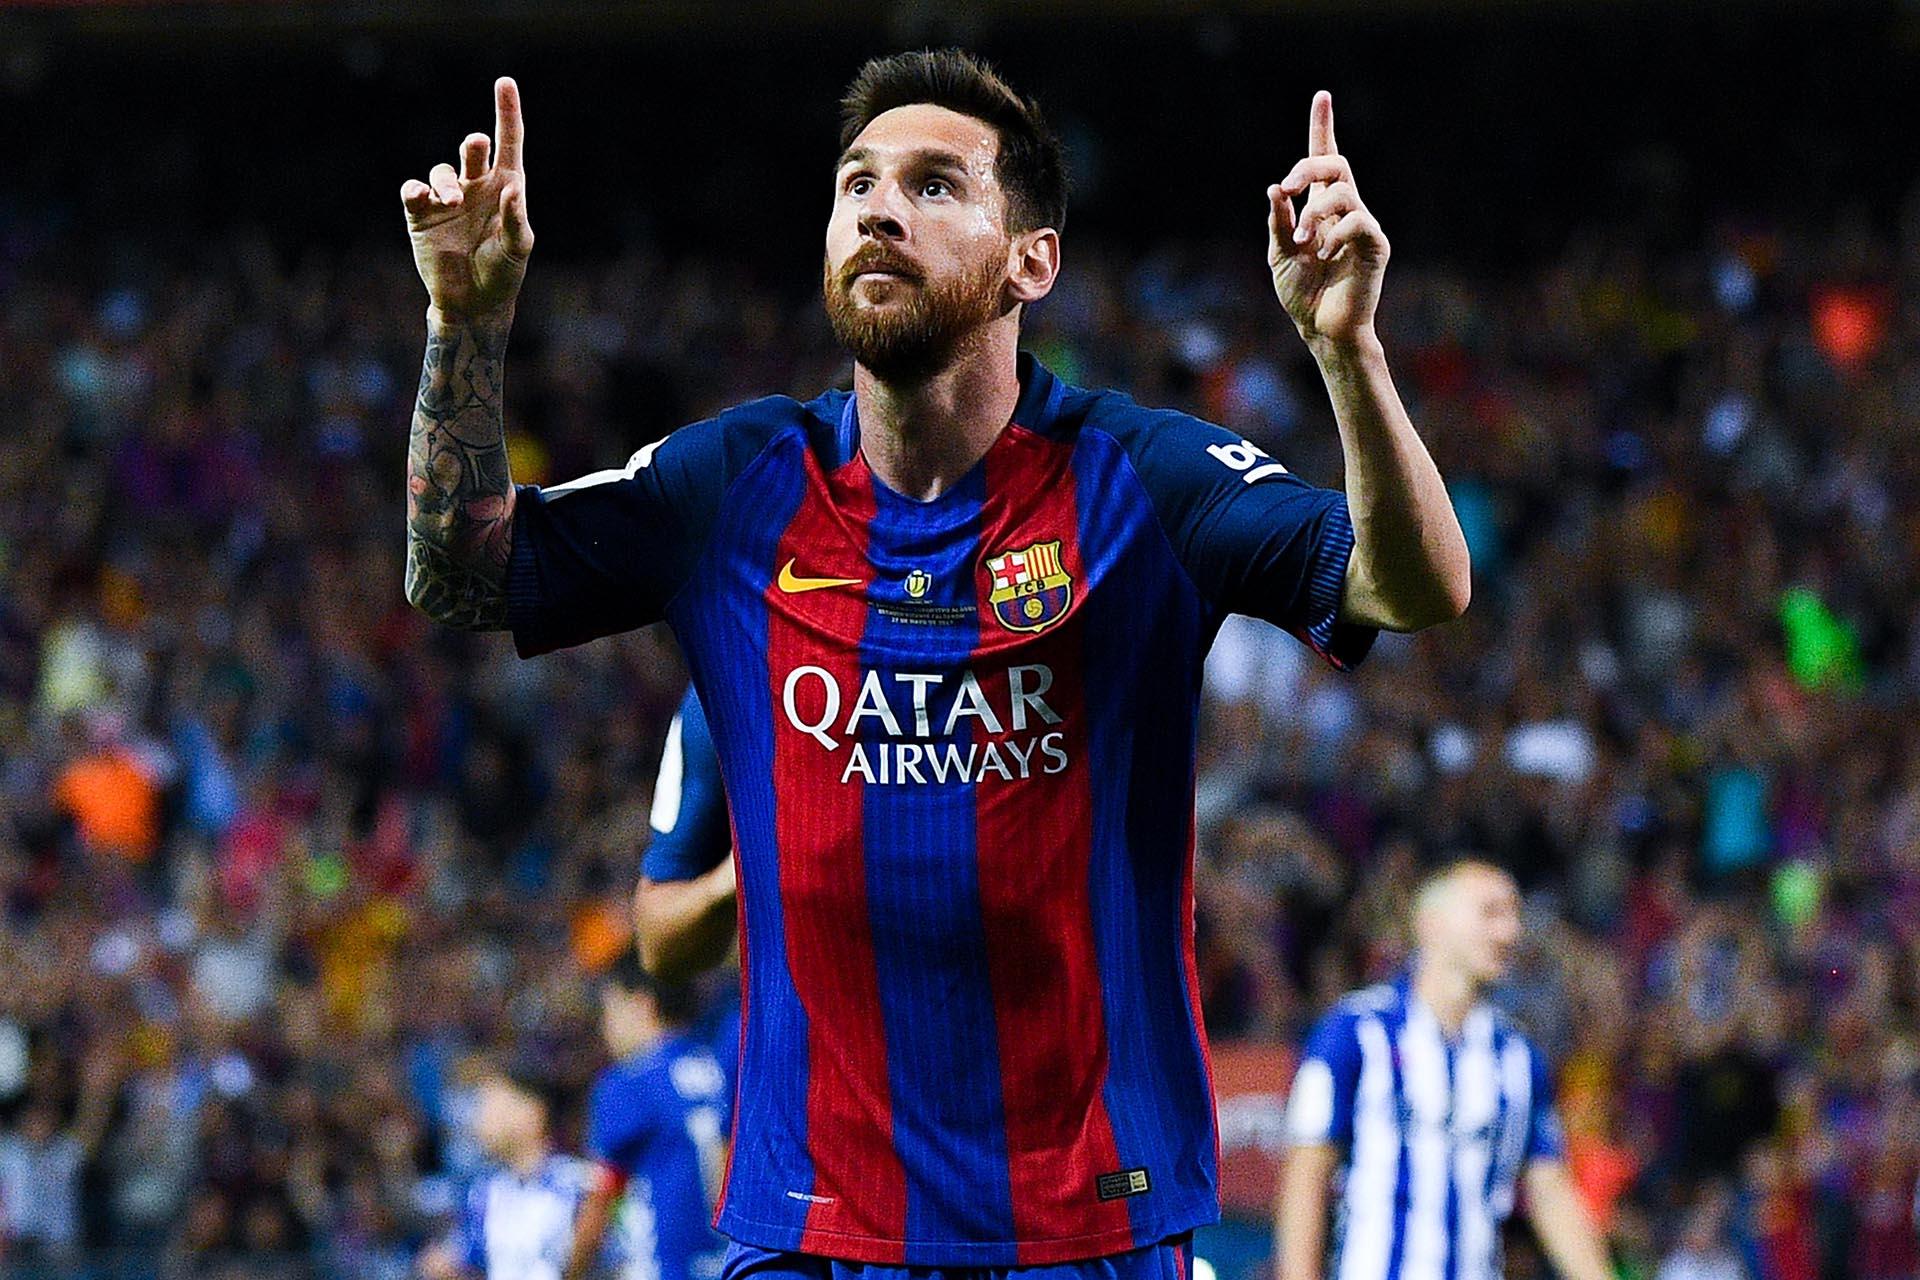 Lionel Messi es el mejor futbolista de la historia de la Liga española. Así lo determinó un estudio realizado por el Centro de Investigaciones de Historia y Estadística del Fútbol Español (CIHEFE). El argentino es el jugador que más se ha destacado en las 86 ediciones del certamen ibérico